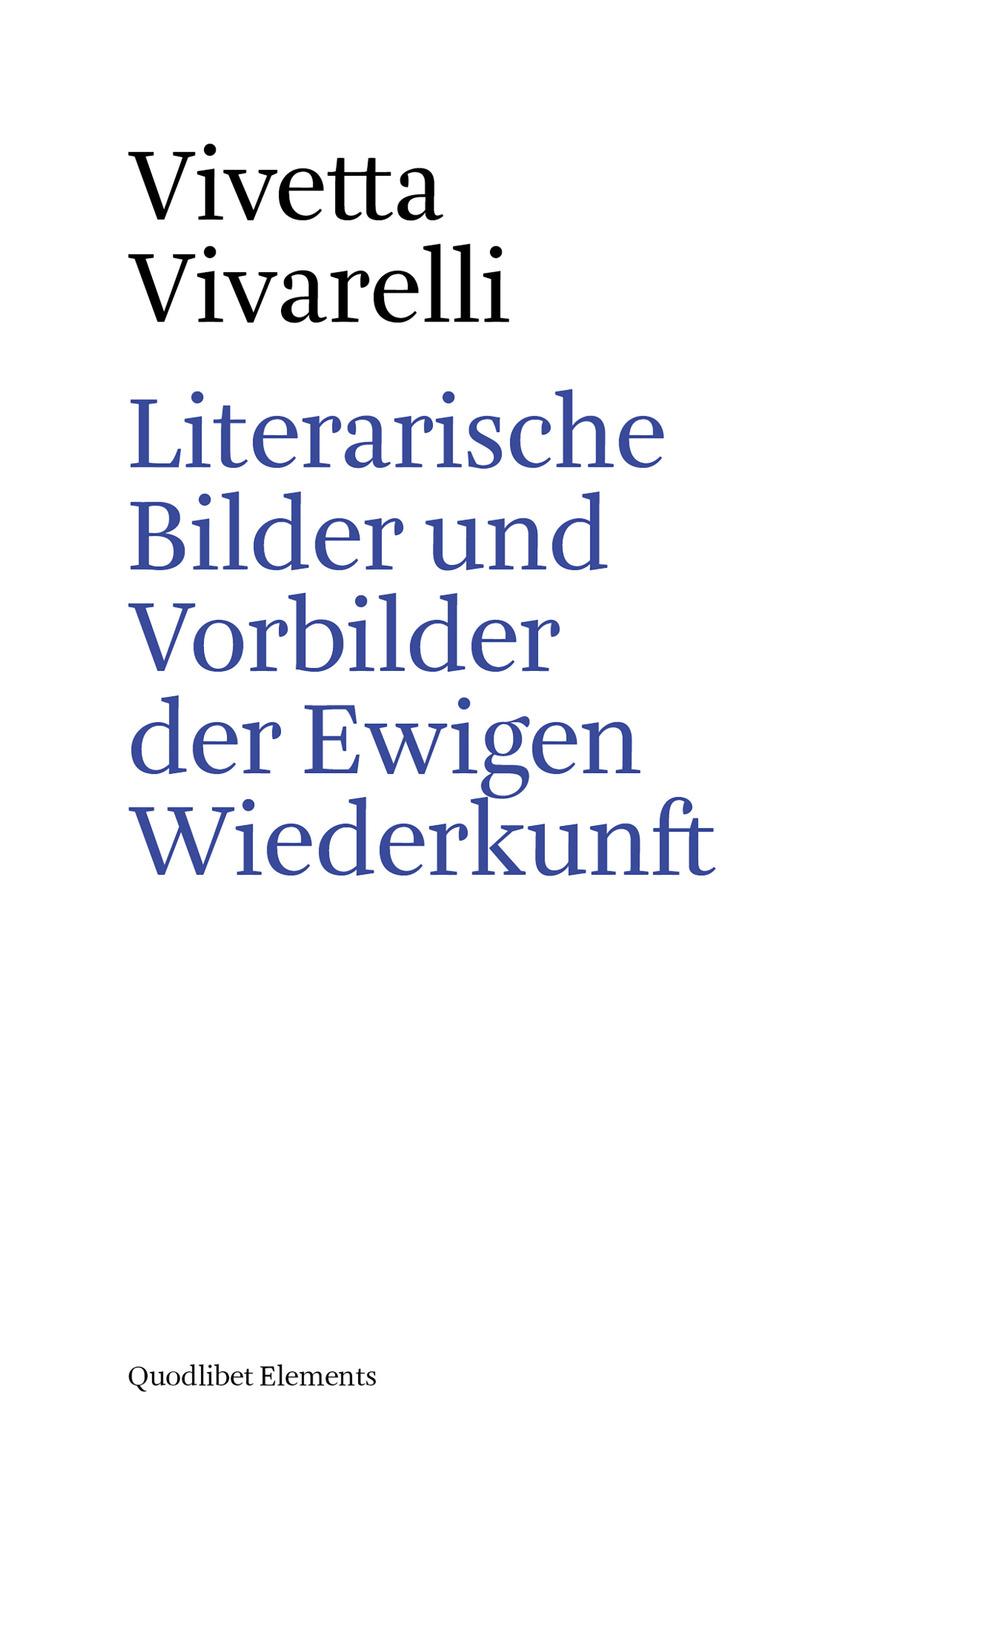 LITERARISCHE BILDER UND VORBILDER DER EWIGEN WIEDERKUNFT - Vivarelli Vivetta - 9788822904454